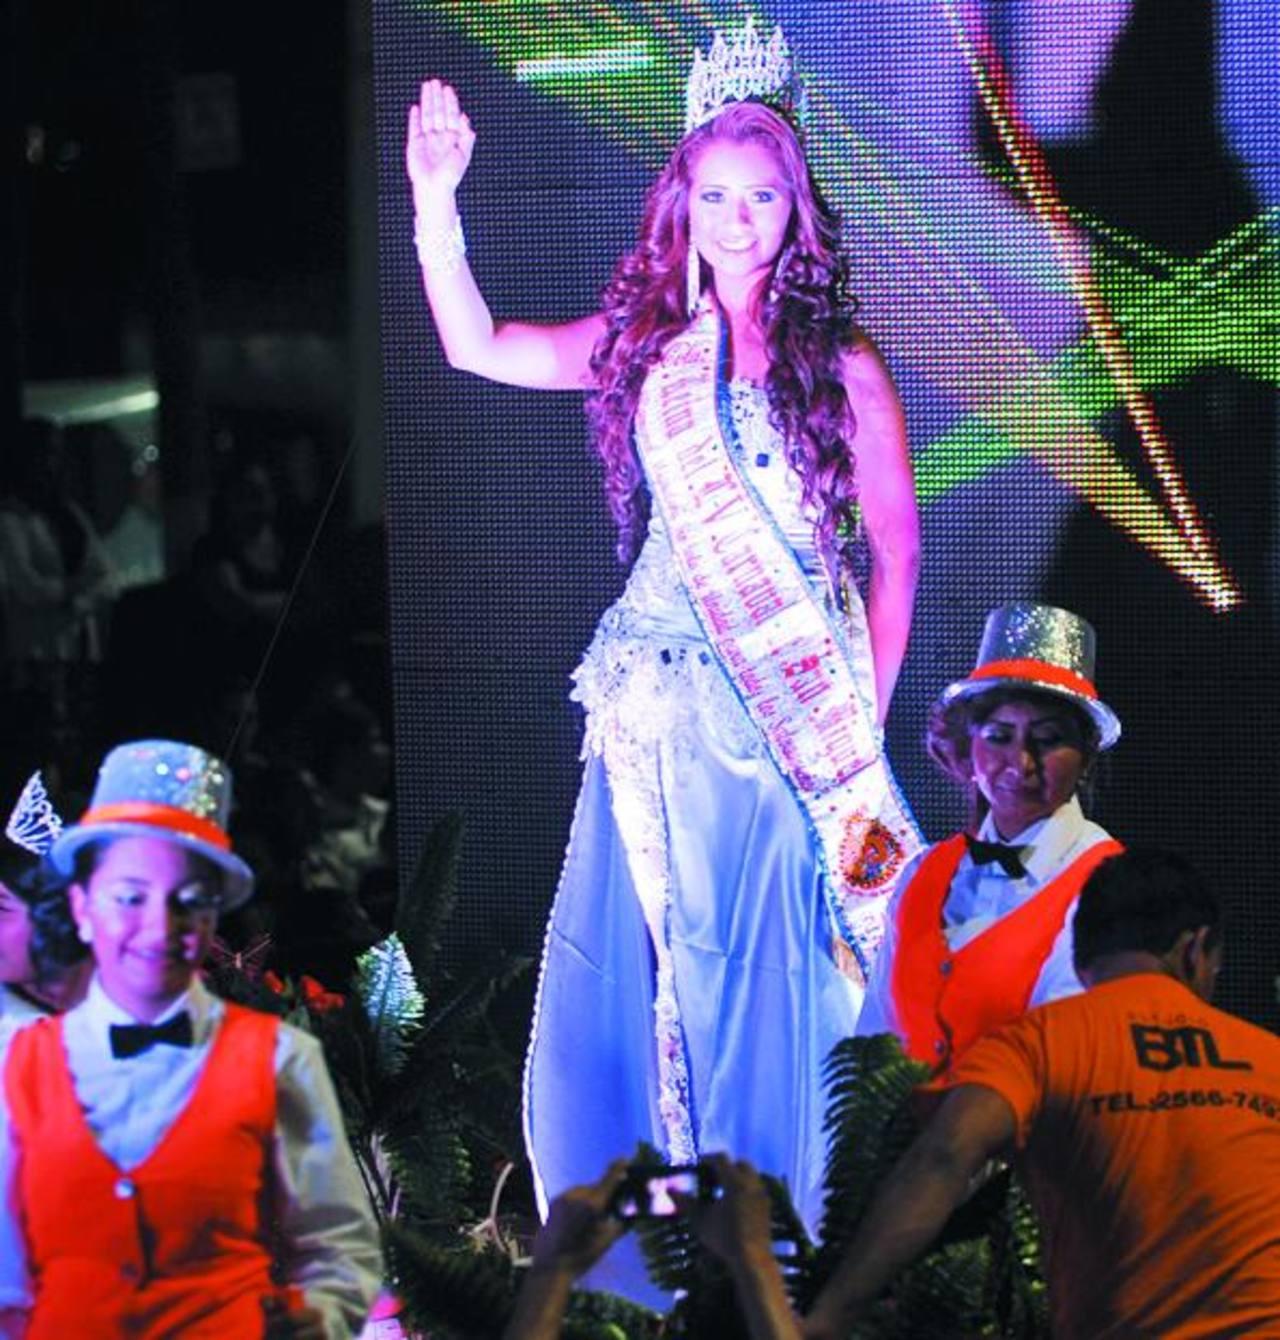 La reina del carnaval migueleño esta estable, sin embargo su acompañante recibió lesiones de gravedad. Foto EDH/ Archivo